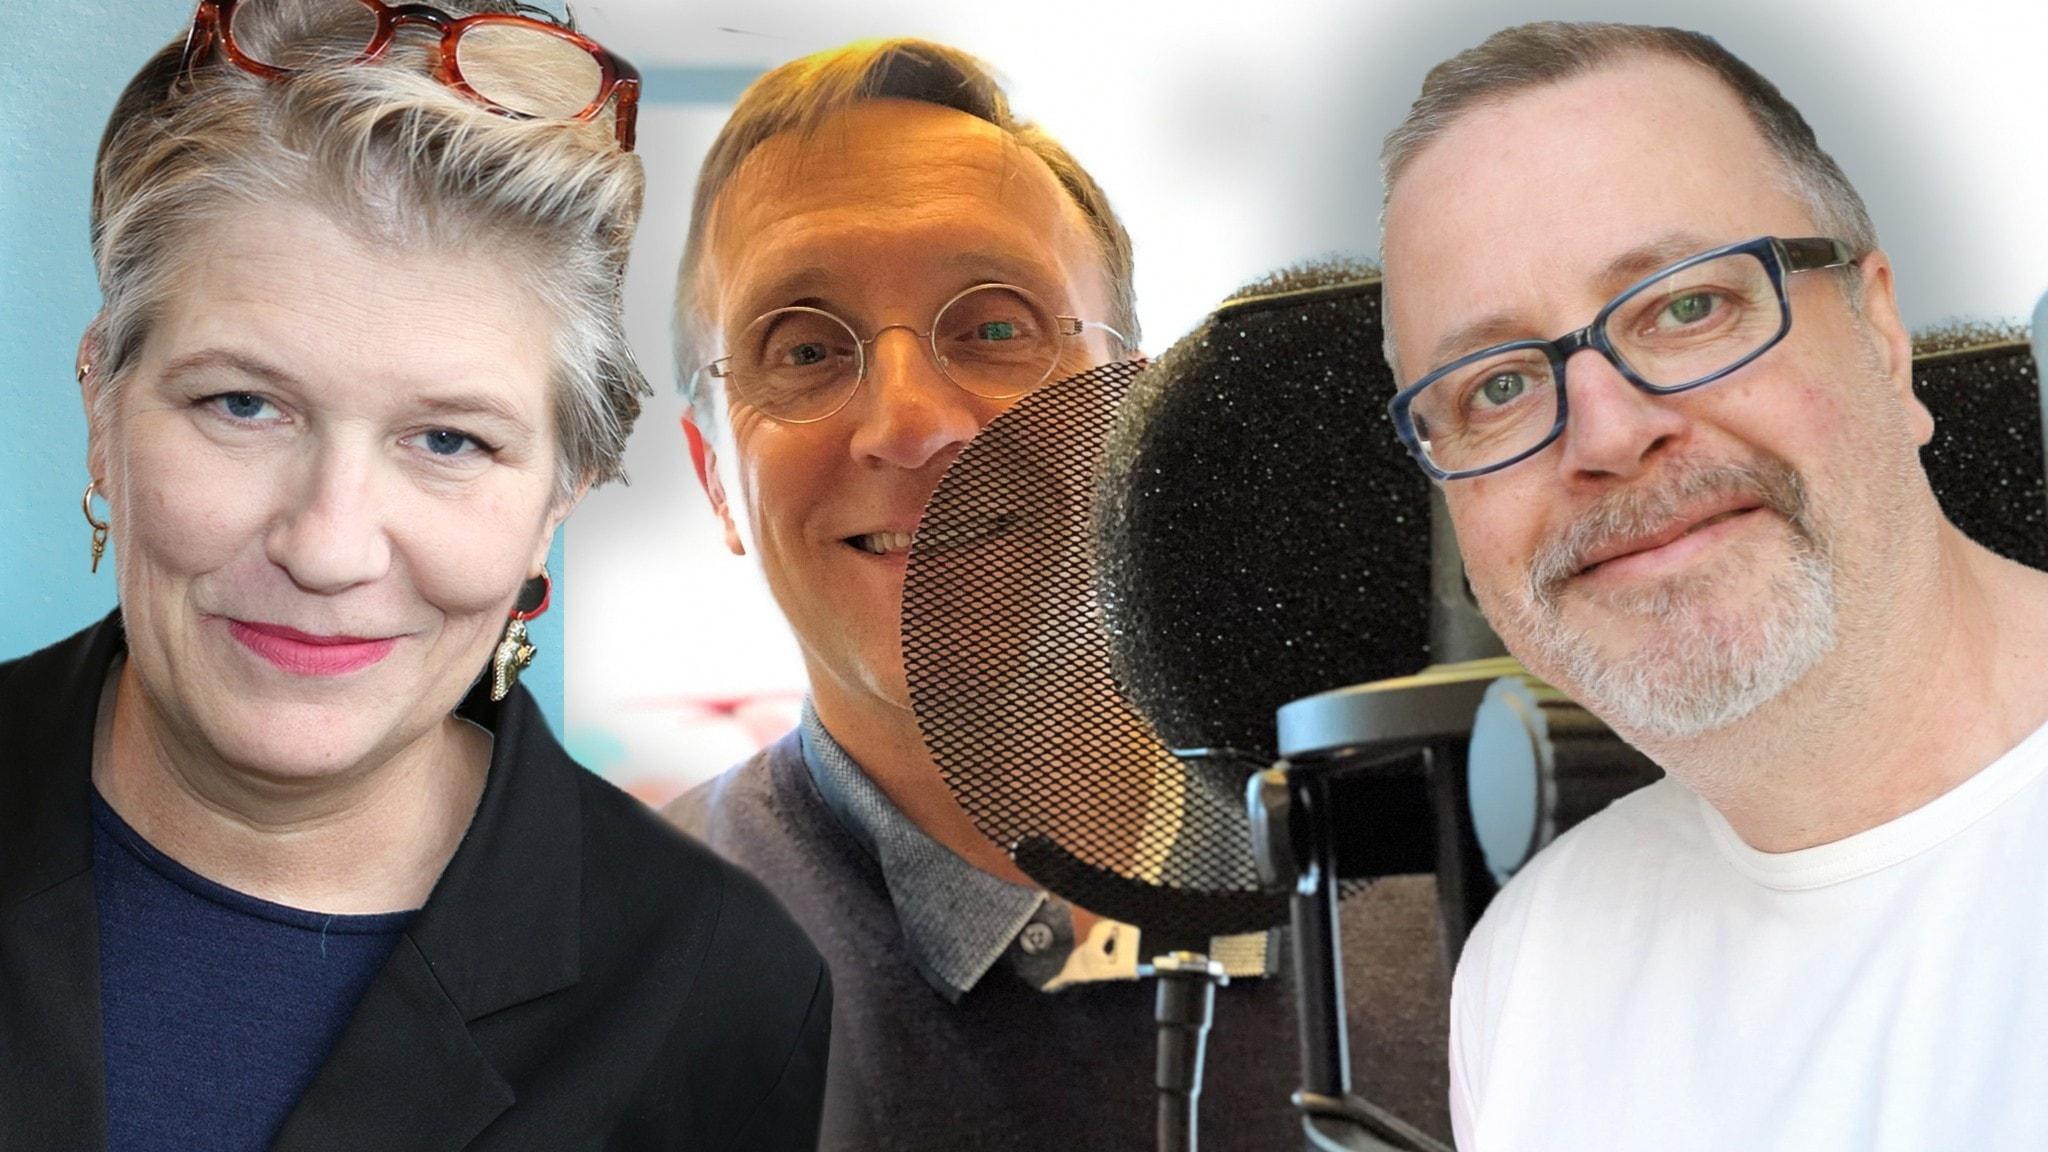 Veckans spanare i panelen Göran Everdahl Camilla Lif och Jonathan Lindström